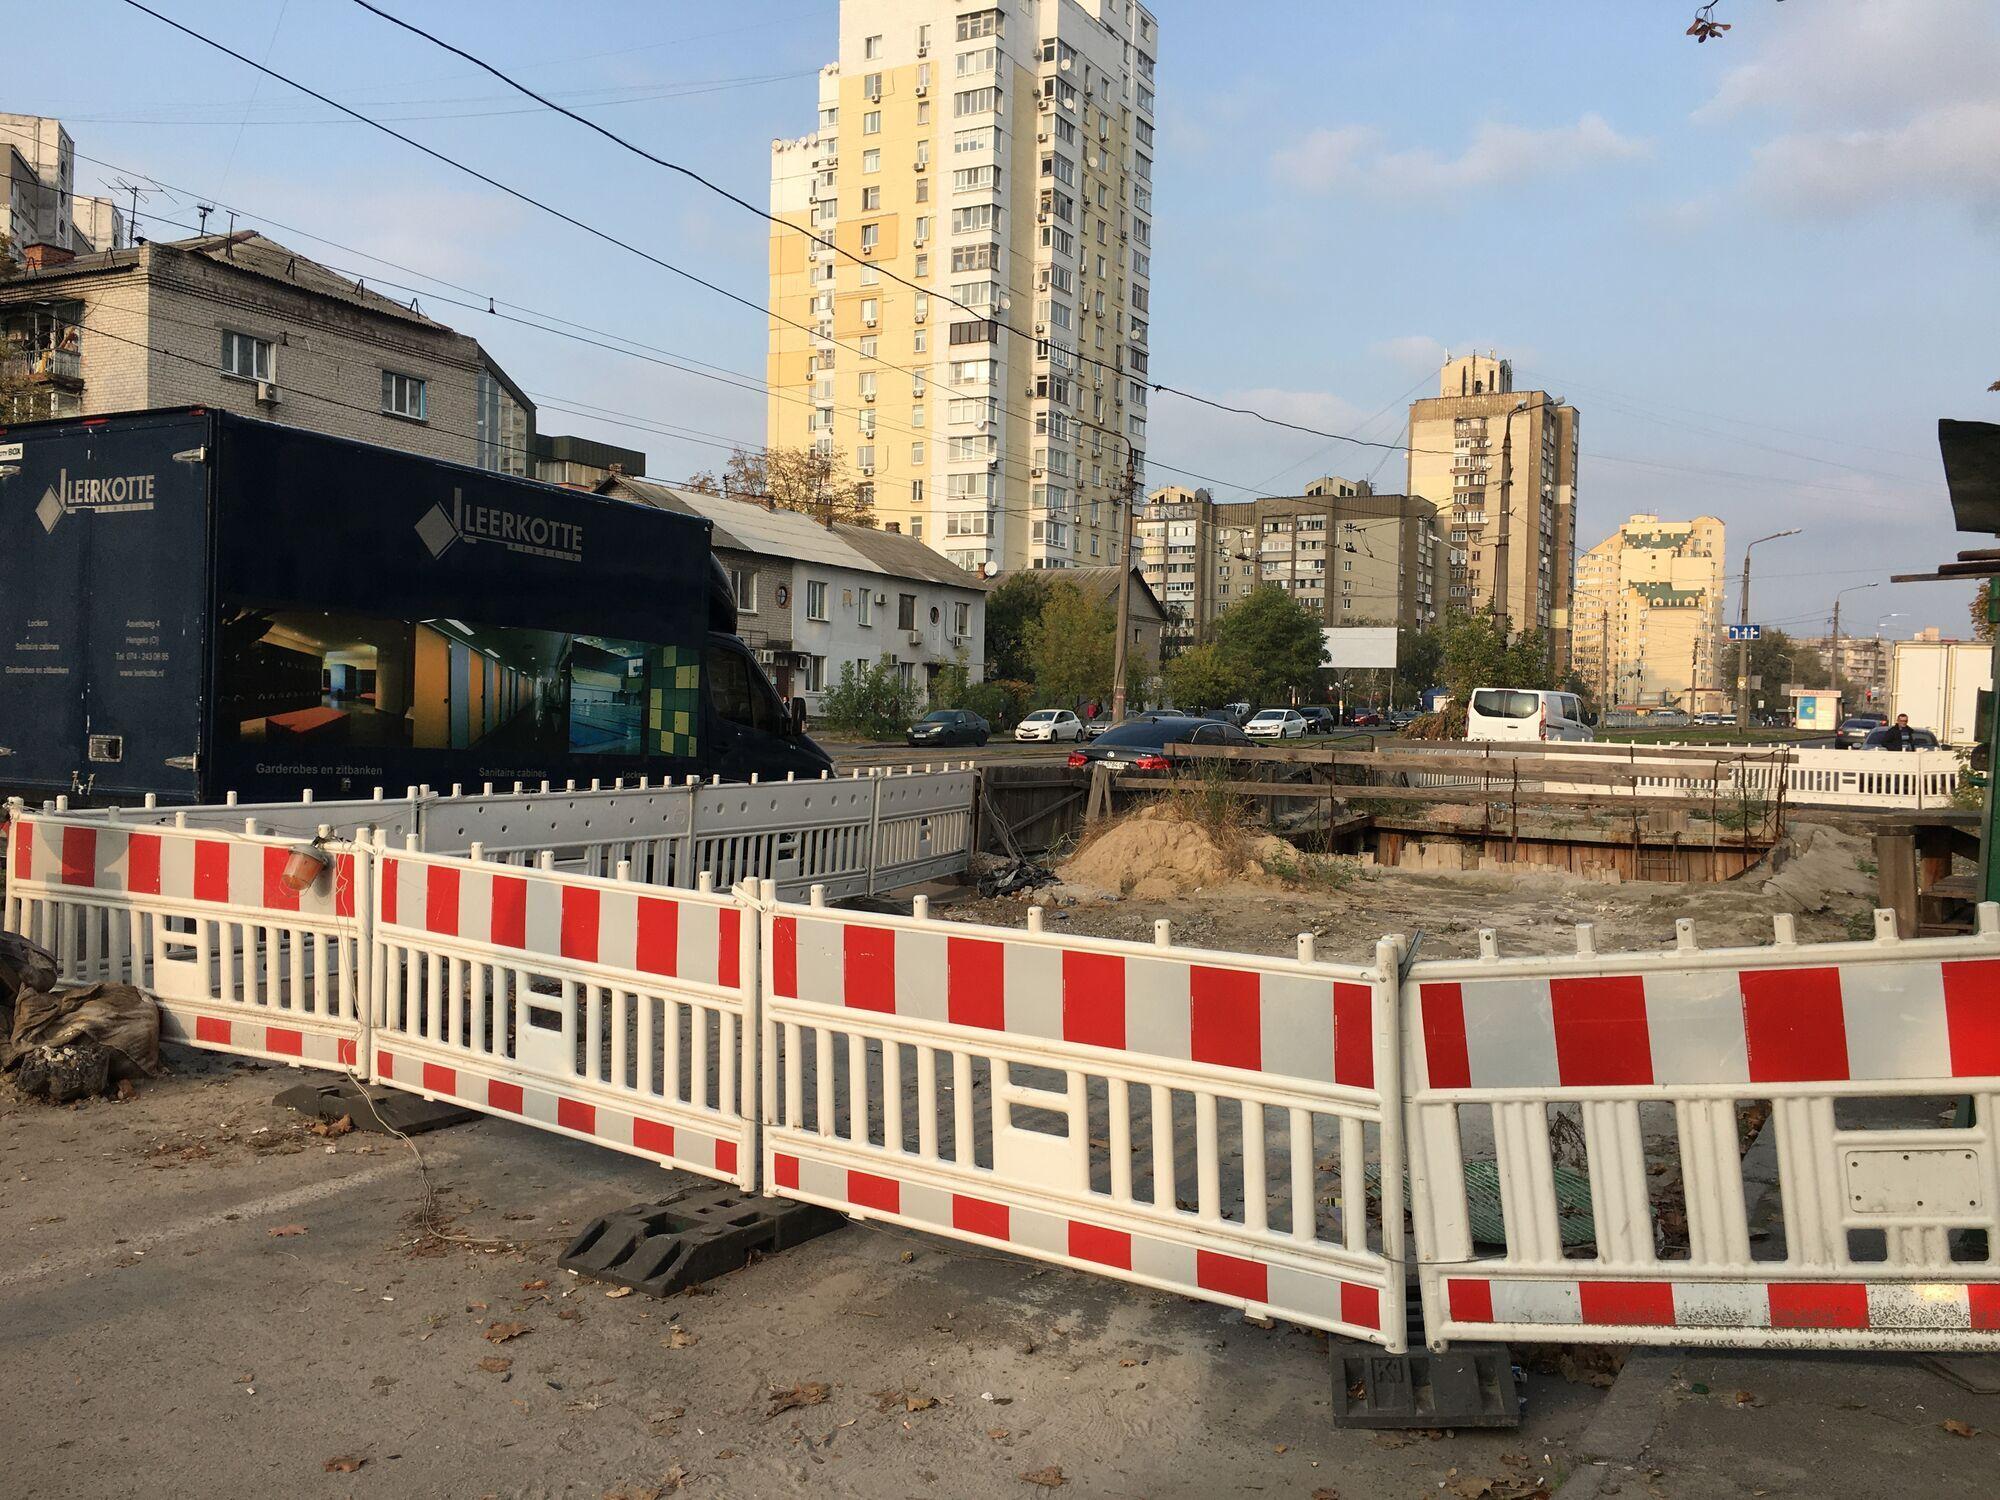 Инцидент произошел на перекрестке Тростянецкой и Харьковского шоссе .